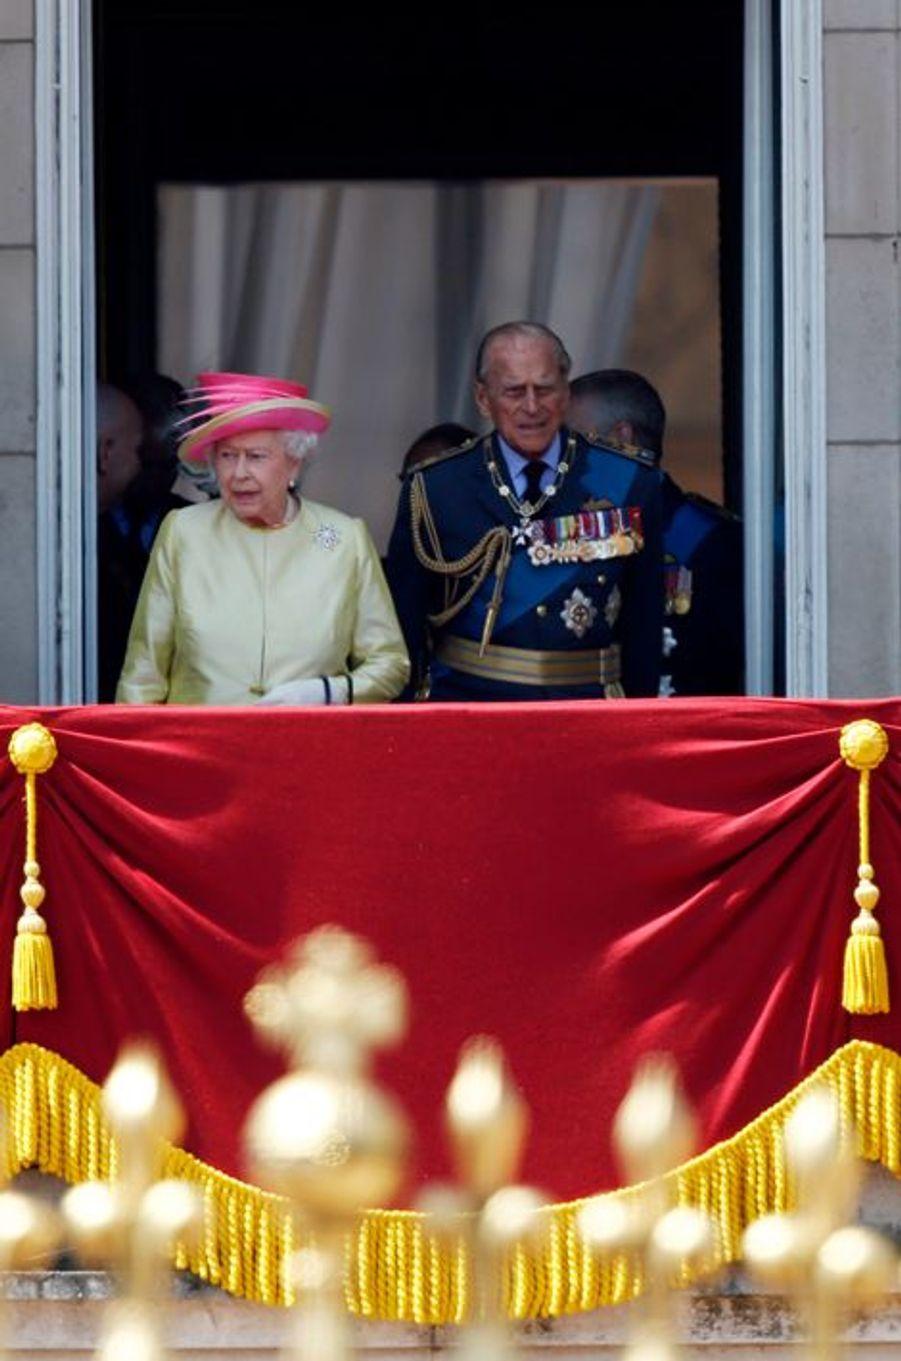 La reine Elizabeth II et le prince Philip au balcon de Buckingham Palace, le 10 juillet 2015